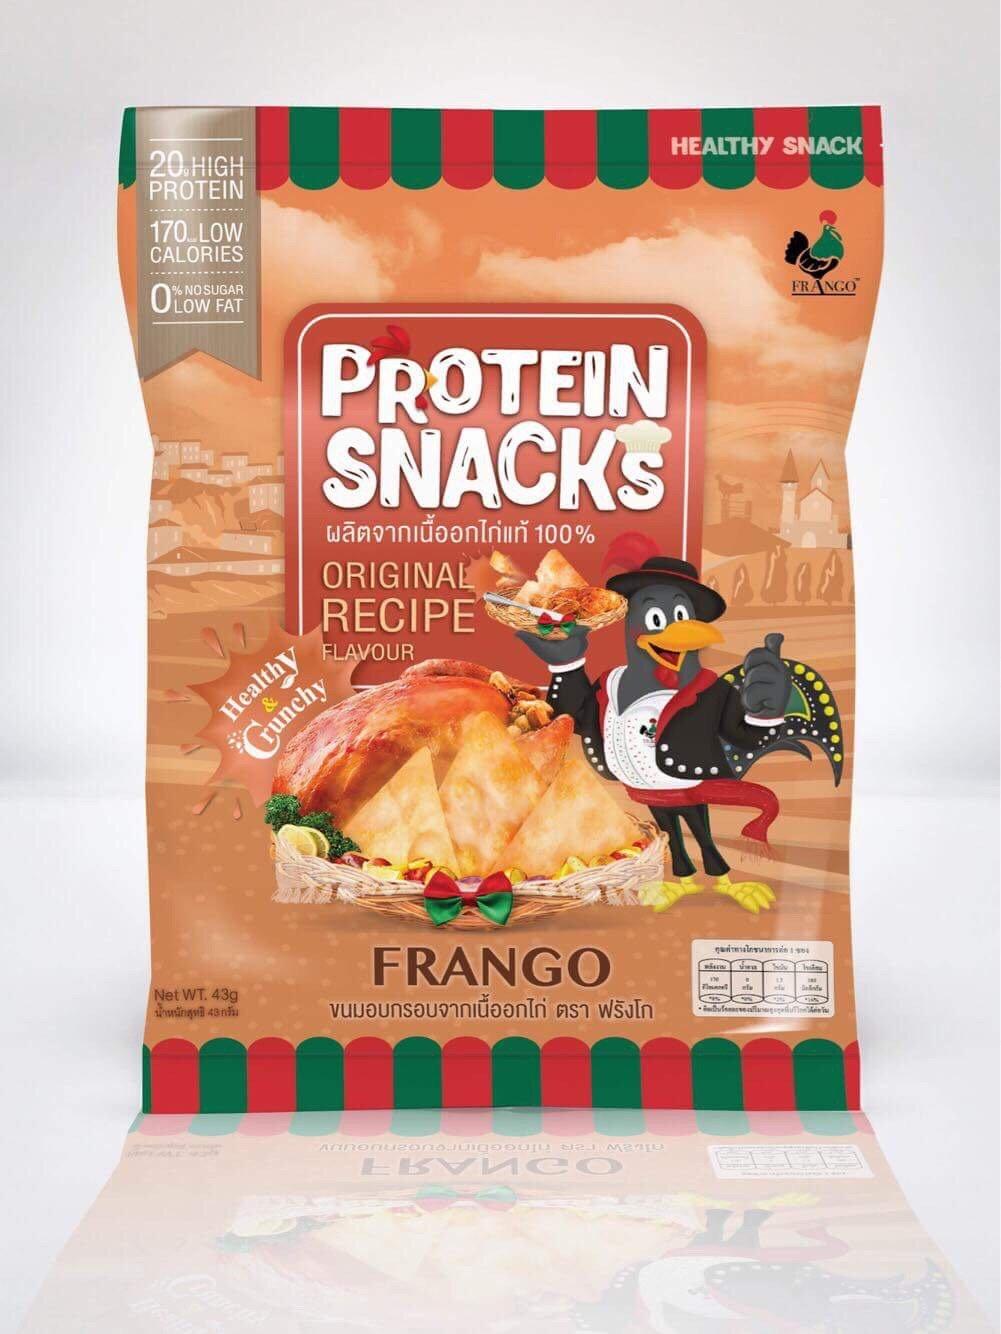 FRANGO プロティンチップス 1袋20グラムタンパク質 鶏むね肉のみ使用 糖質ゼロ おかしなのに痩せて筋肉付く (30) B07B734LD4 30